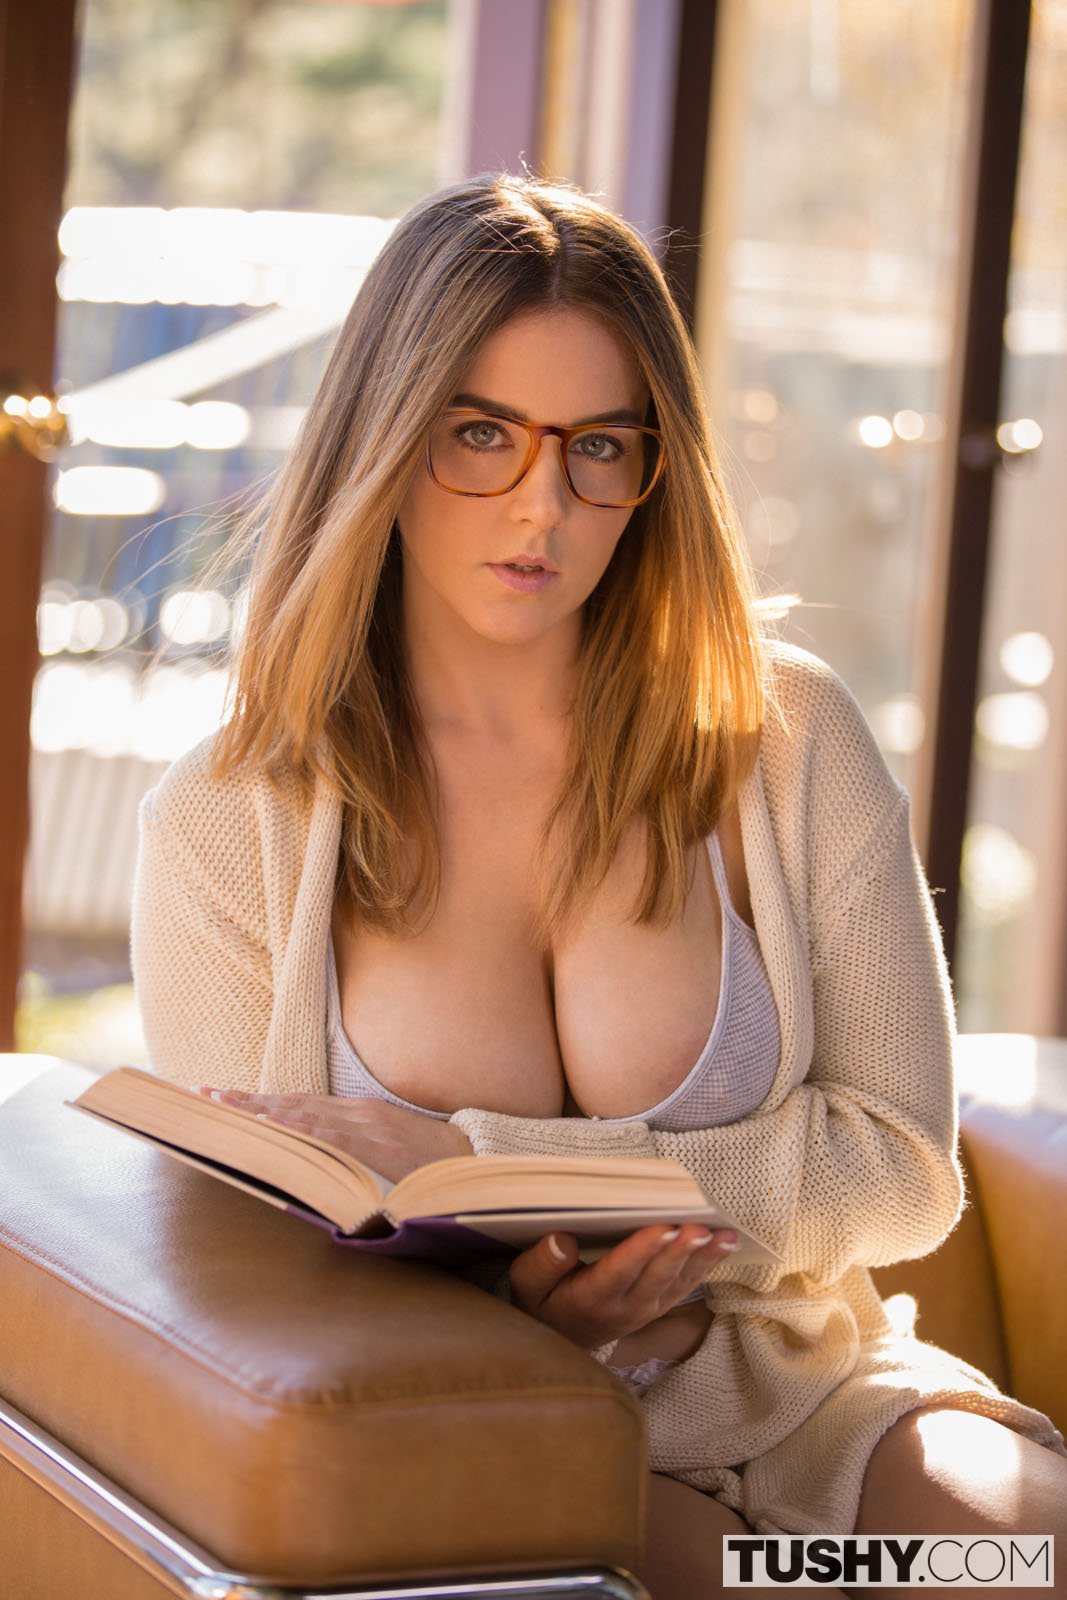 Glasses licking stepsister model